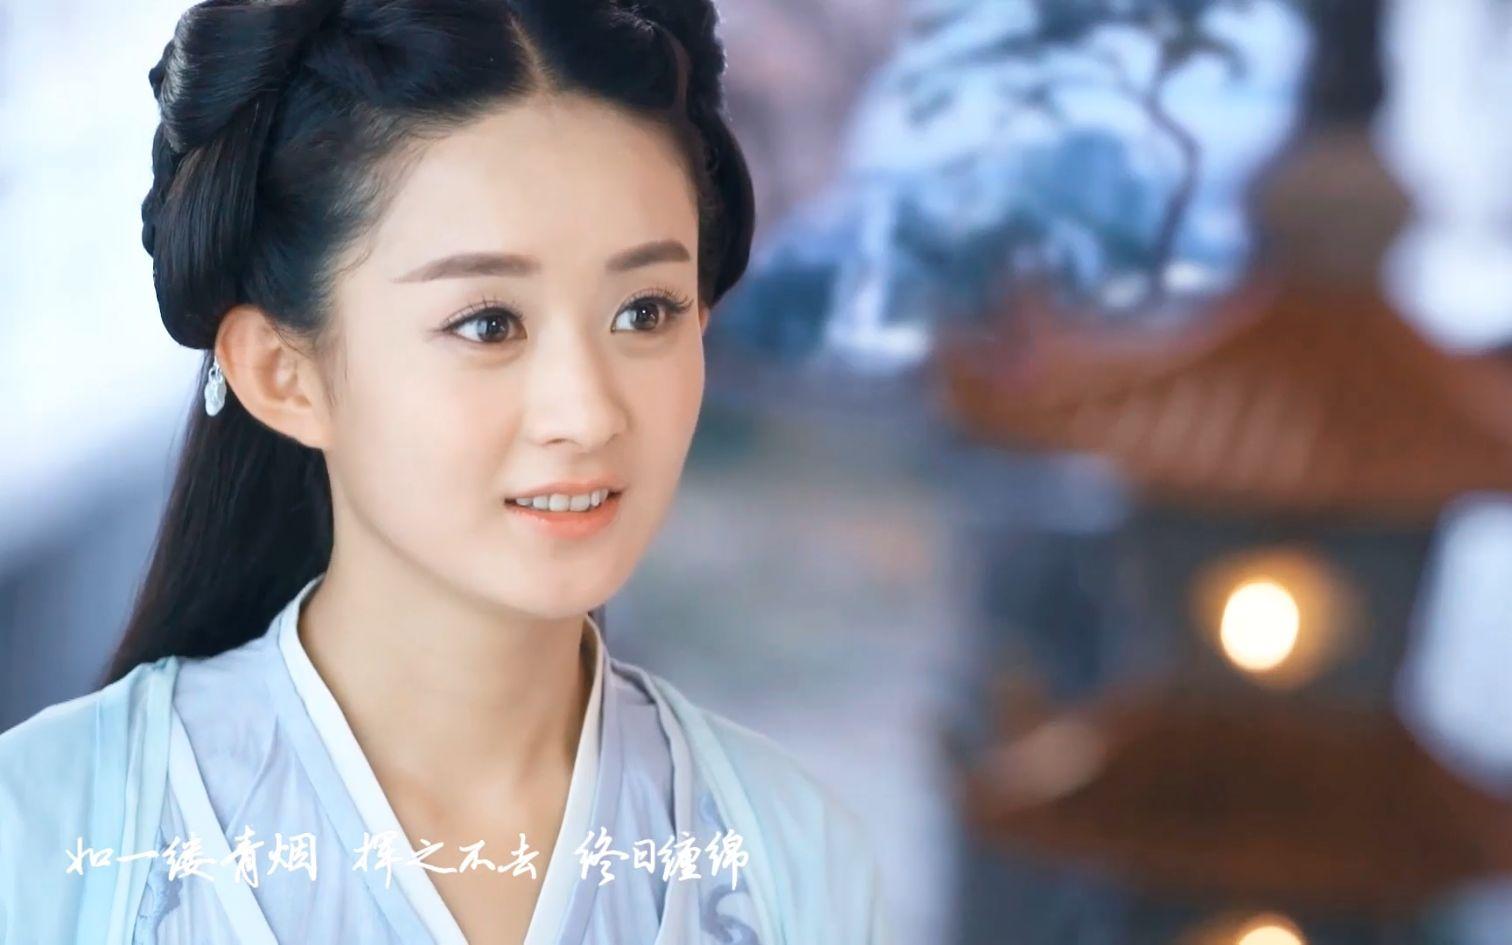 花千骨媒体�yn�/&_据台湾媒体8月30日报道,女星赵丽颖2014年凭电视剧《花千骨》走红